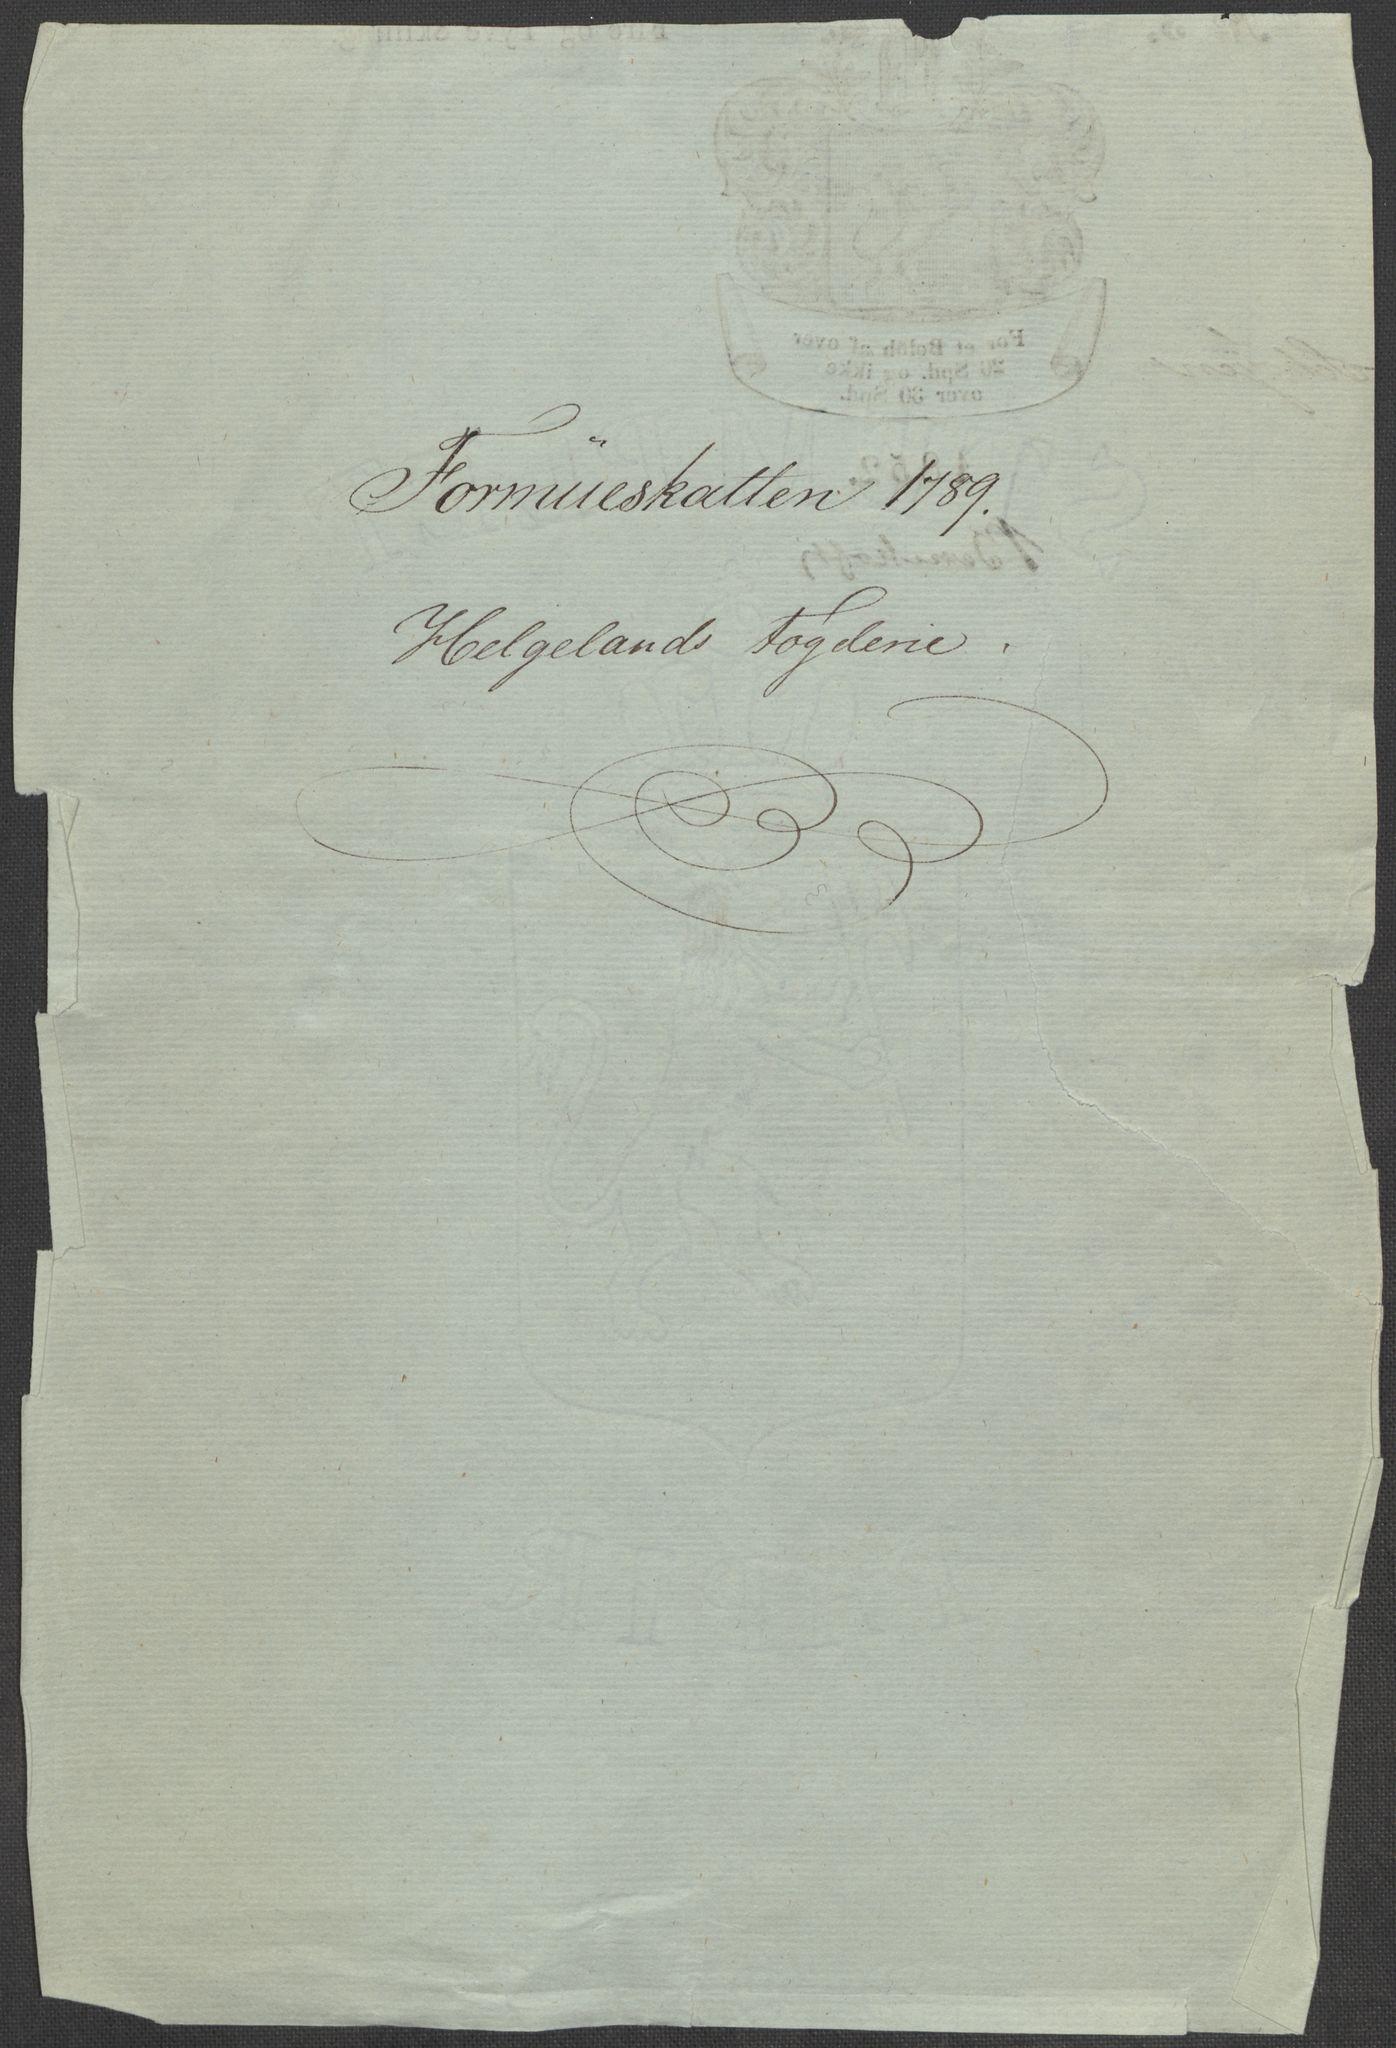 RA, Rentekammeret inntil 1814, Reviderte regnskaper, Mindre regnskaper, Rf/Rfe/L0014: Helgeland fogderi, 1789, s. 3